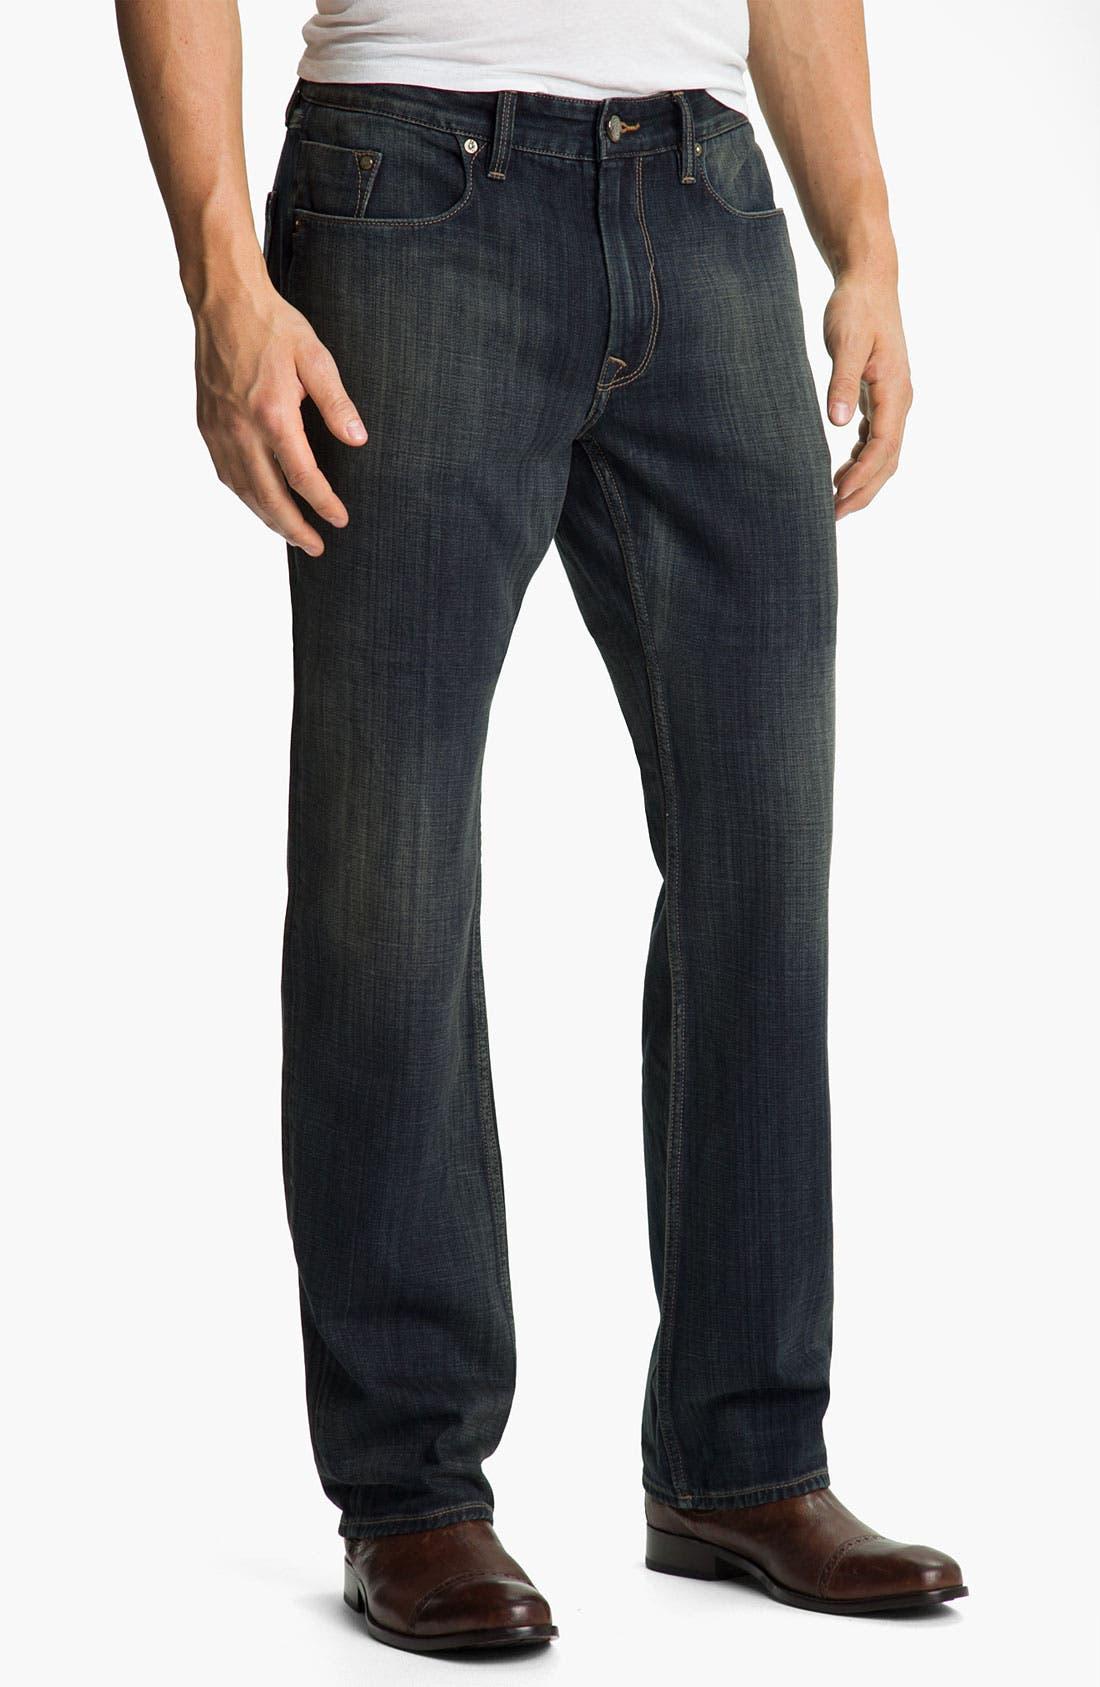 Alternate Image 1 Selected - Robert Graham Jeans 'Orion' Straight Leg Jeans (Indigo)